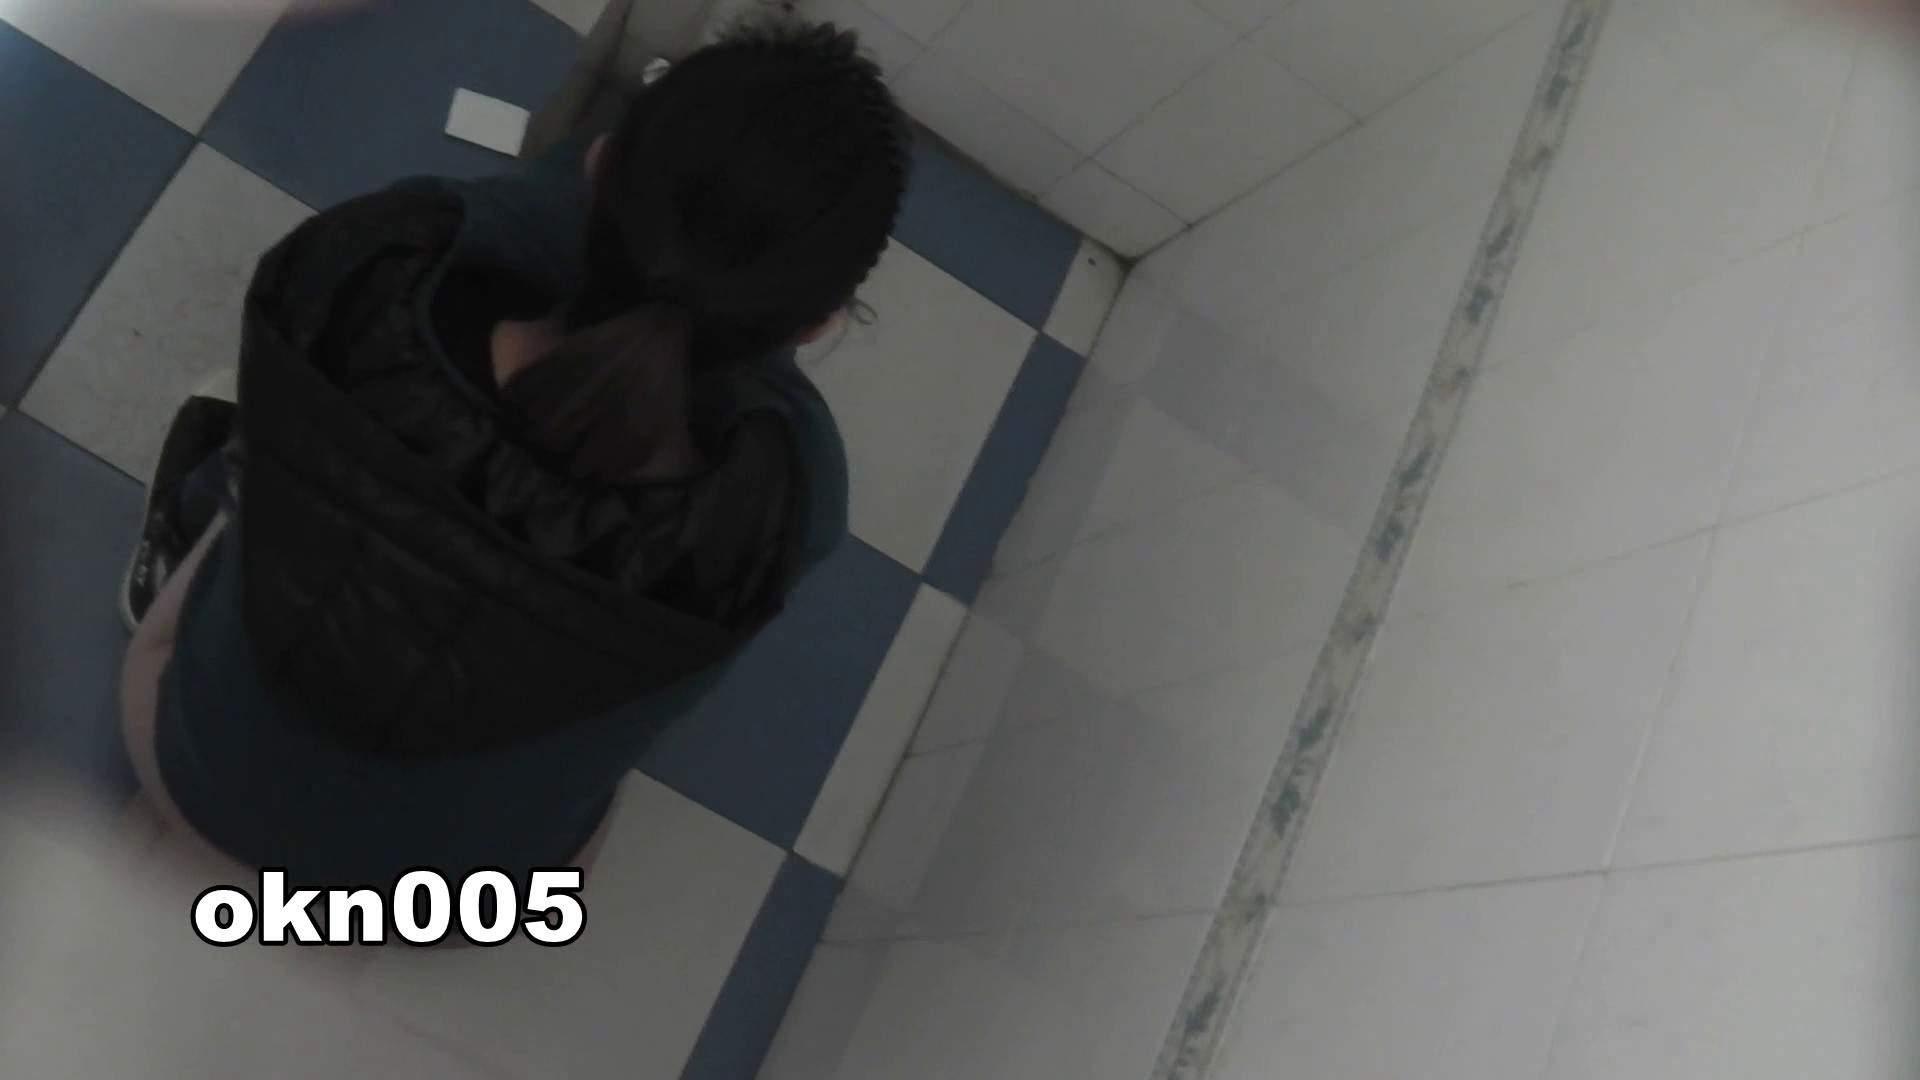 下からノゾム vol.005 きばりん(極太爽快) 丸見え オマンコ無修正動画無料 94枚 43